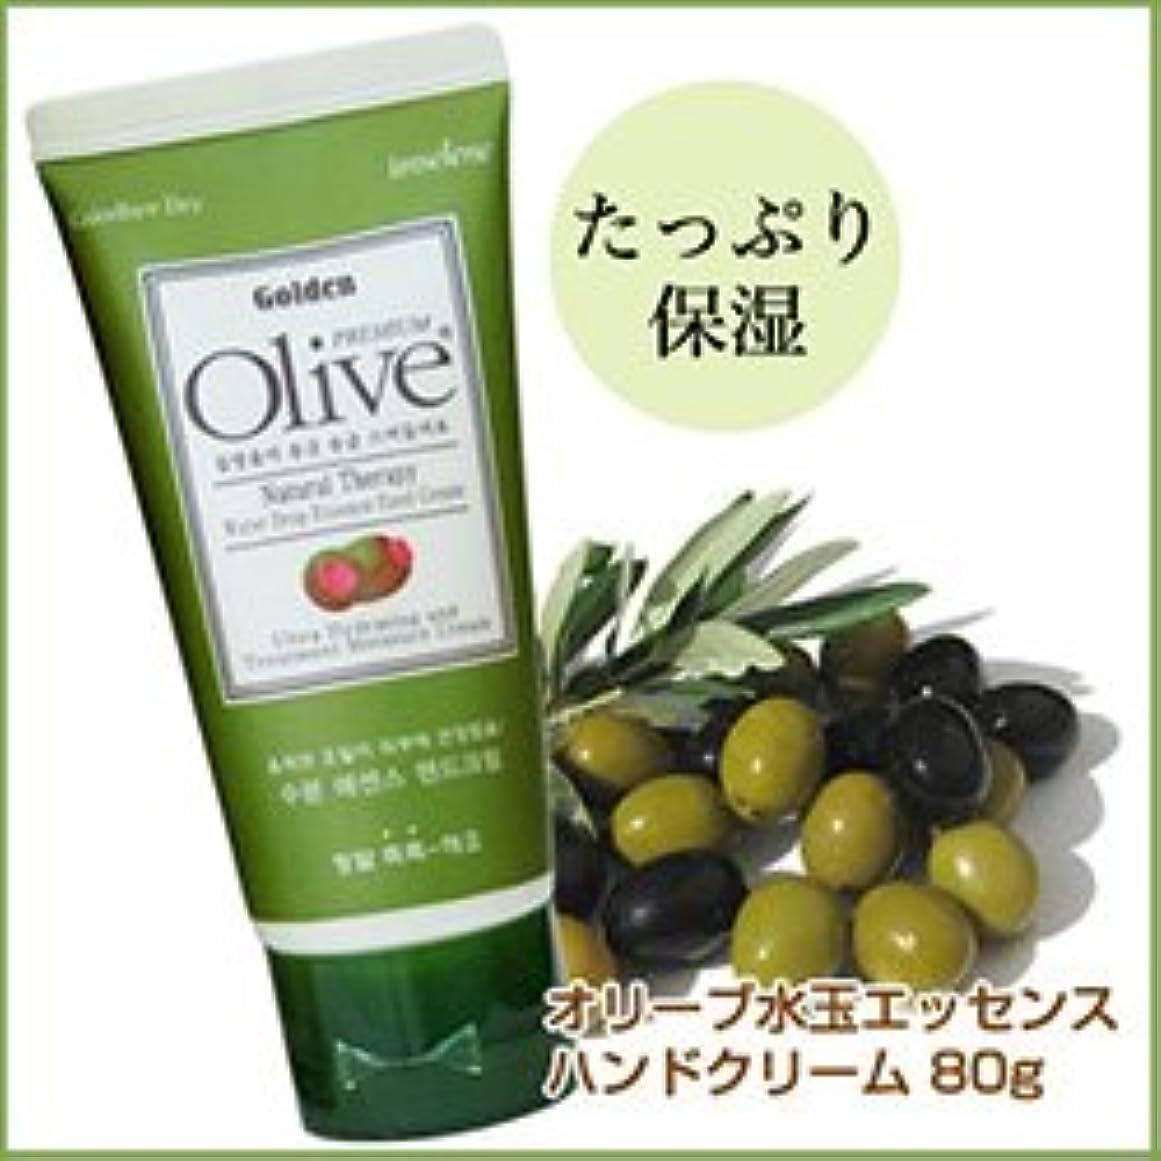 床注入差し控える【韓国コスメ】天然オリーブオイル ハンドクリーム80g